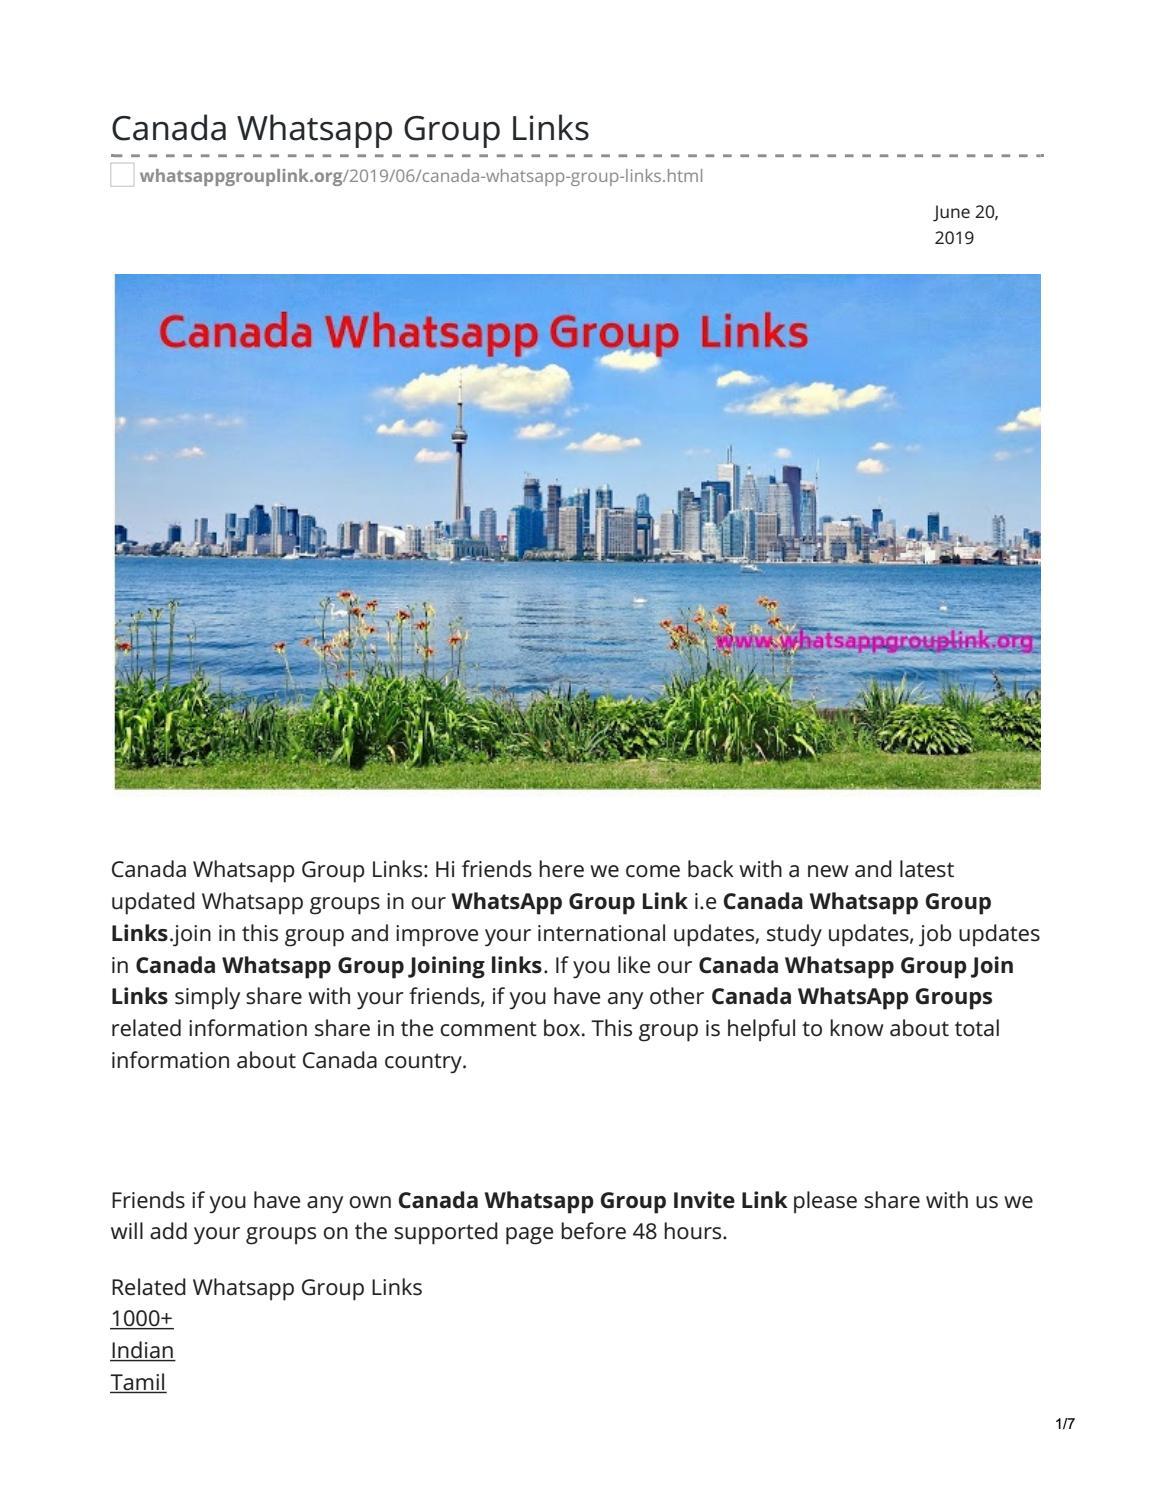 Canada Whatsapp Group Links by whatsappgrouplinks77 - issuu